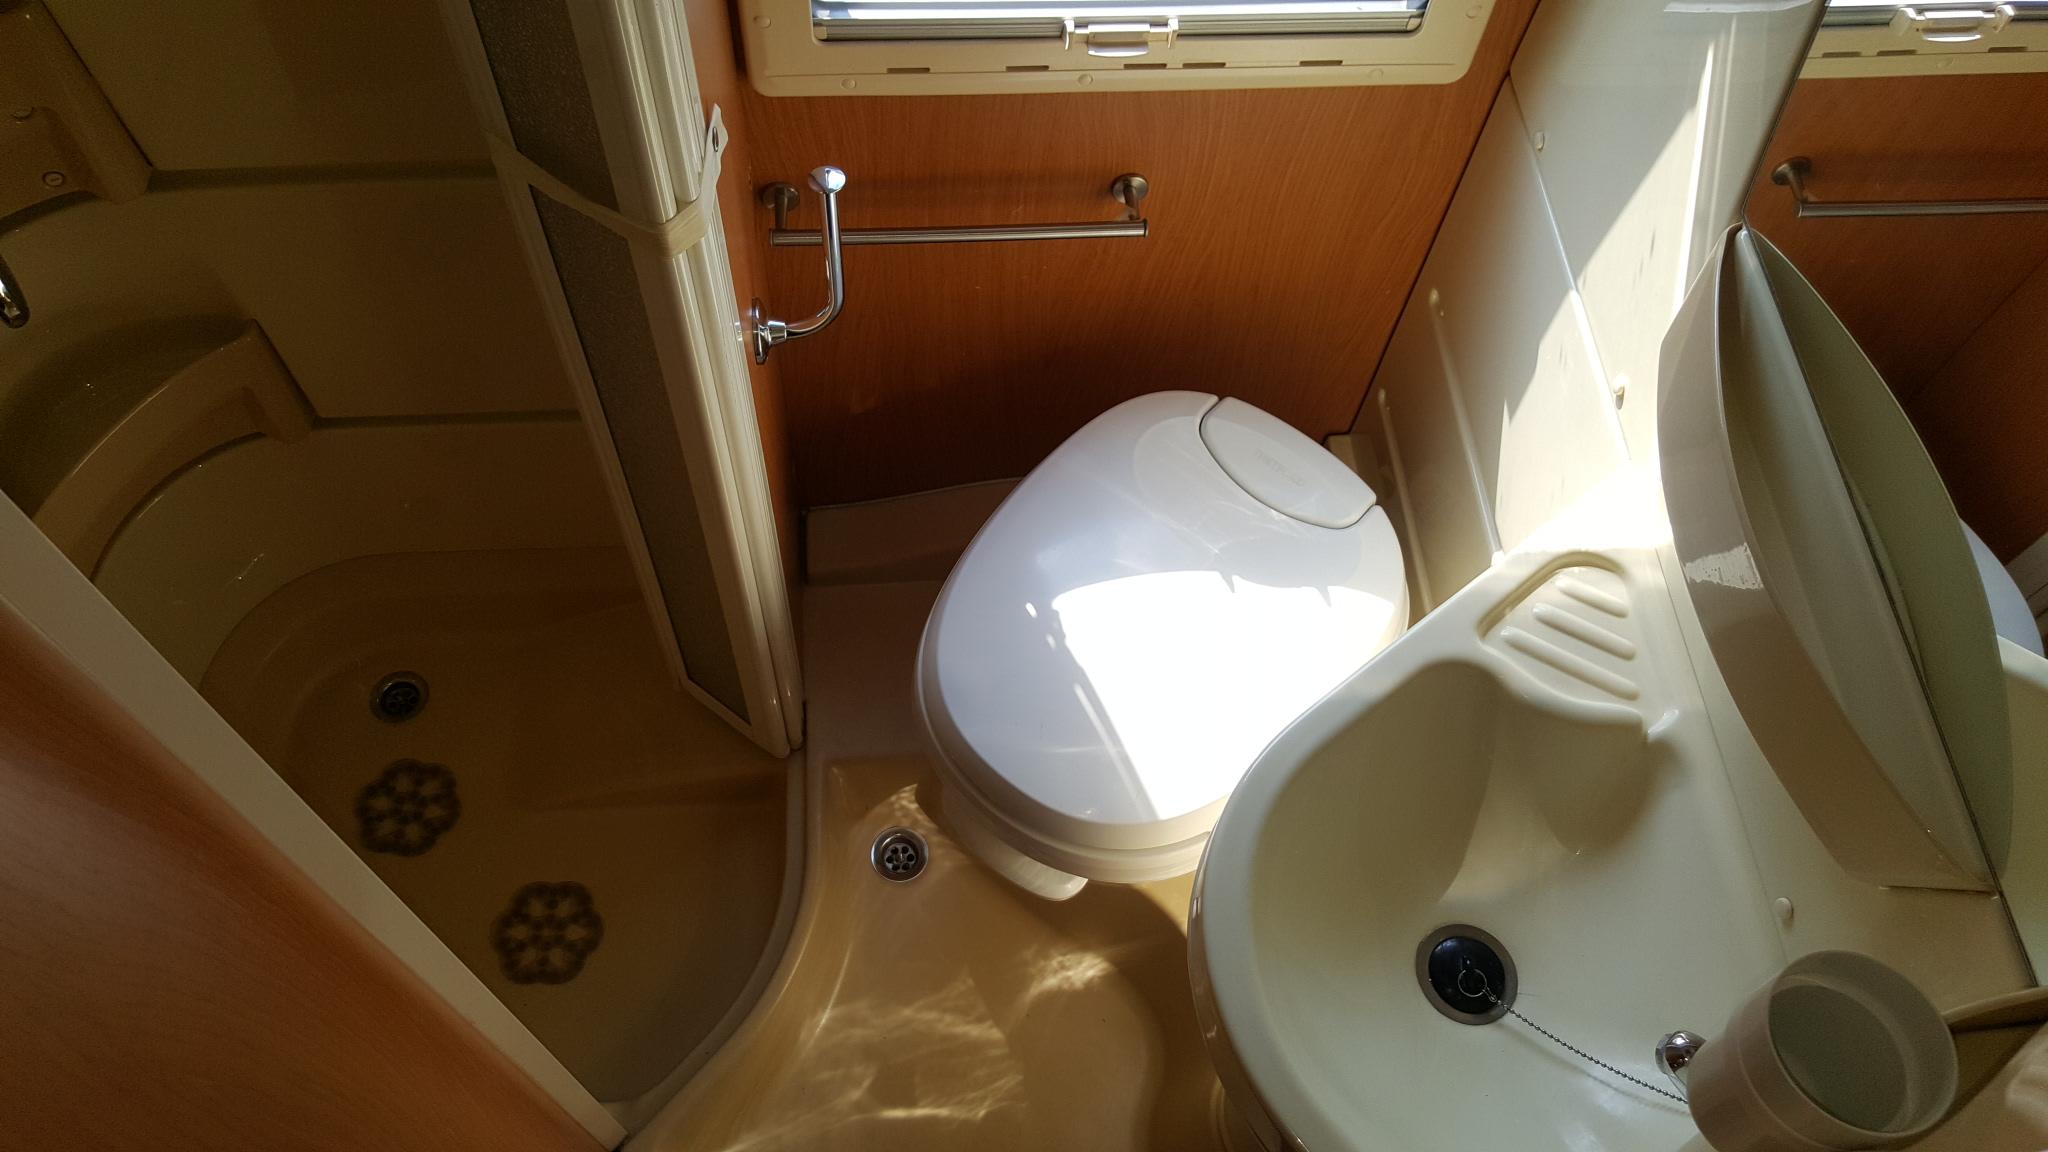 Cabina Bagno Per Camper : Camper usato laika ecovip h670 piacenza essegi camper